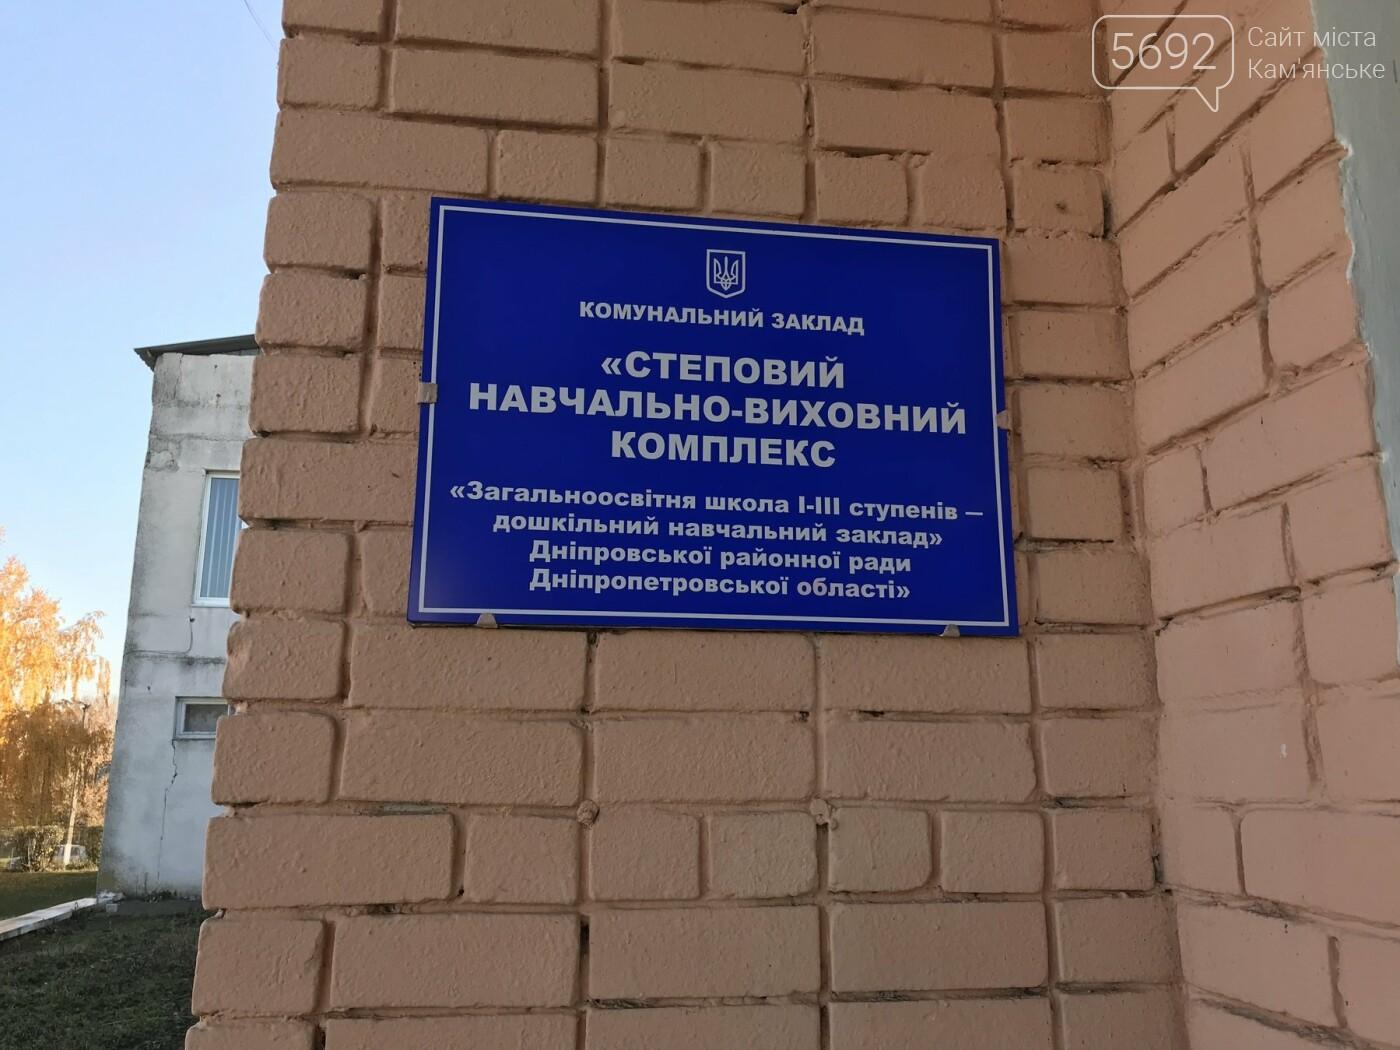 Что получит Каменское в случае присоединения: репортаж из Степового, фото-2